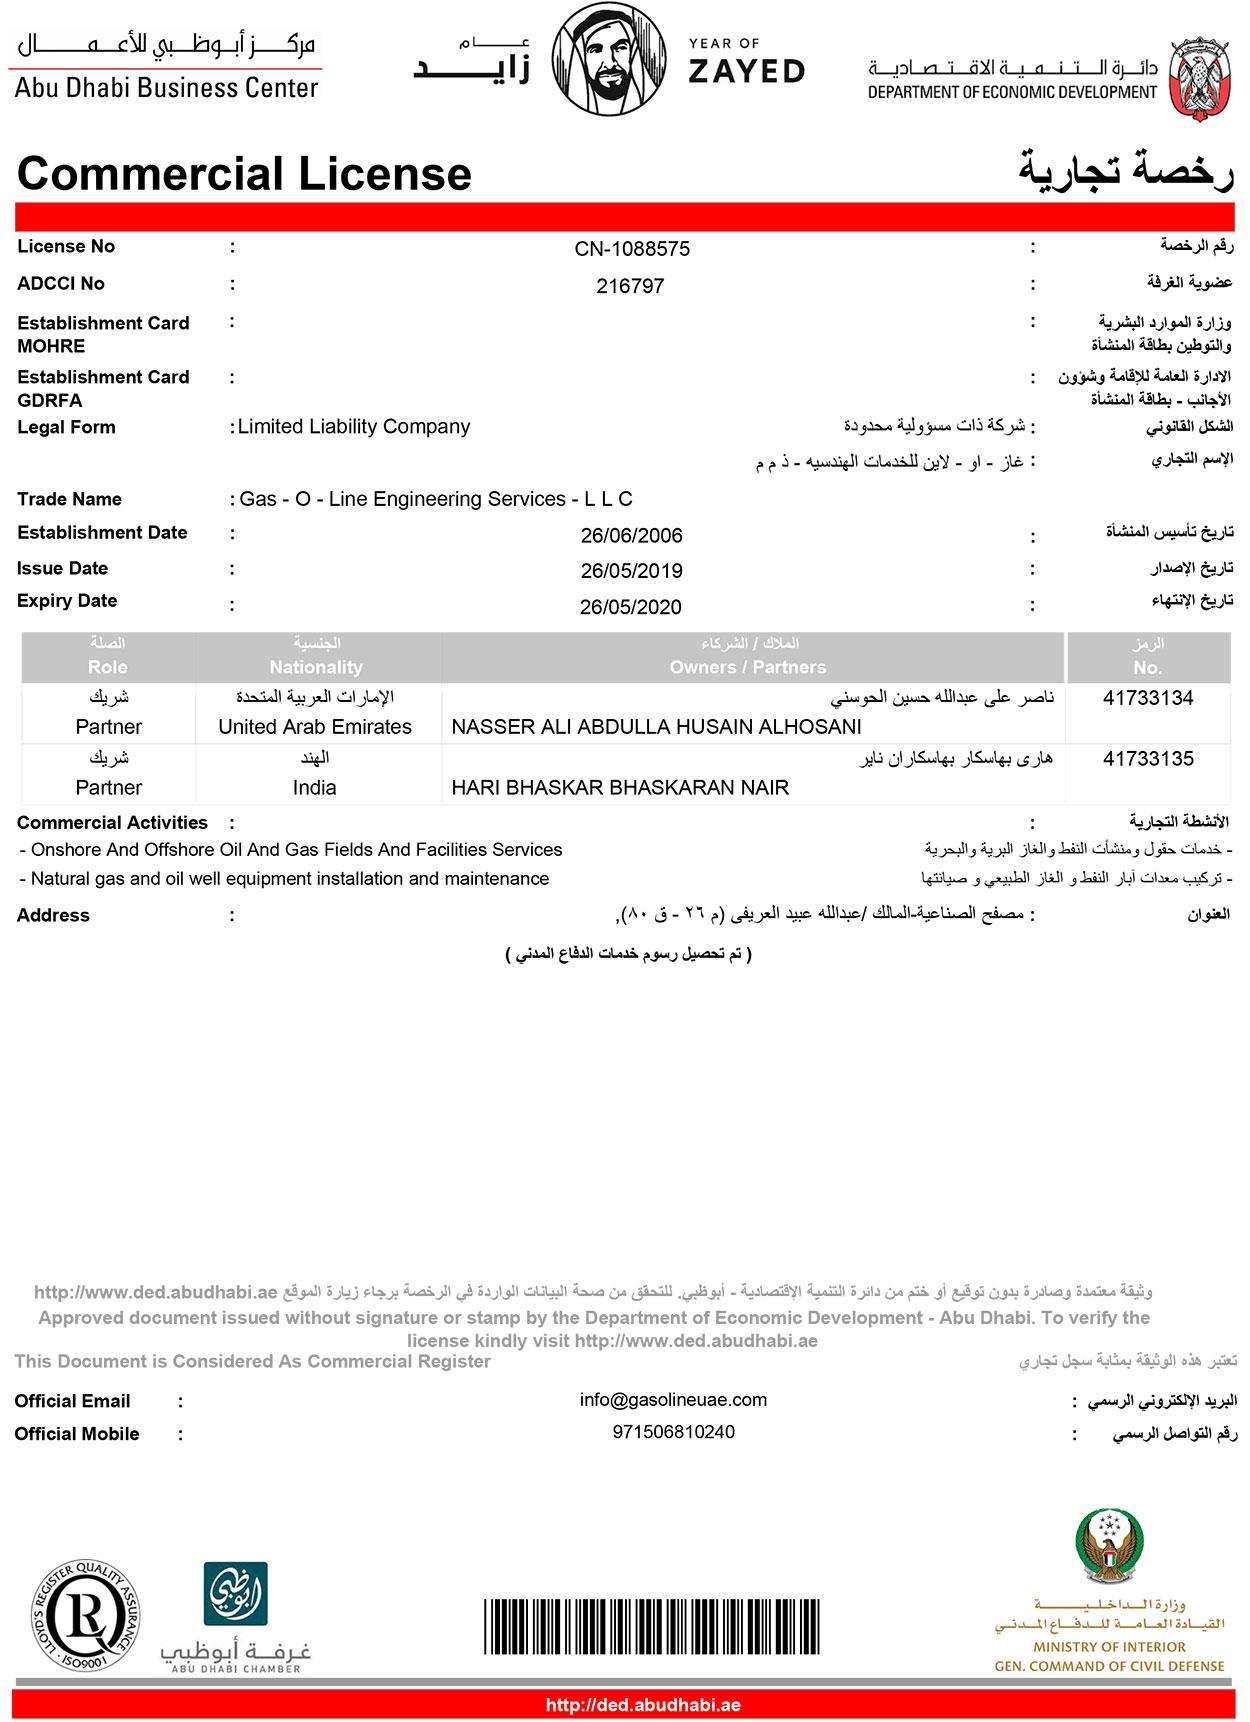 Valve Repair Shops in Abu Dhabi | Steel fabrication Abu Dhabi, UAE